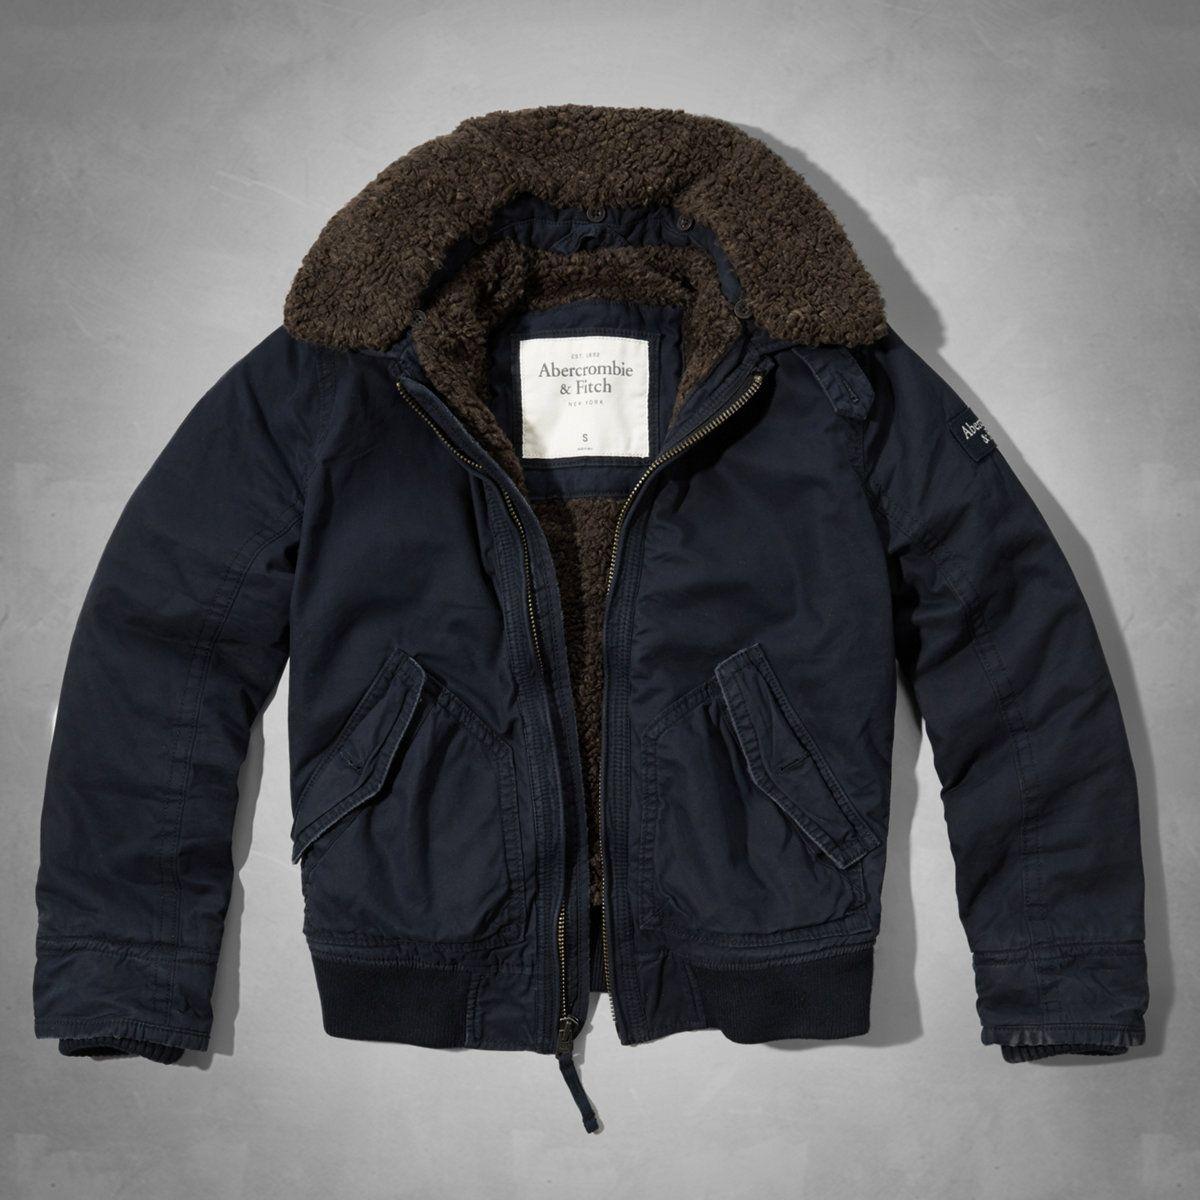 Hopkins Trail Bomber Jacket Casaco Casacos E Jaquetas [ 1200 x 1200 Pixel ]